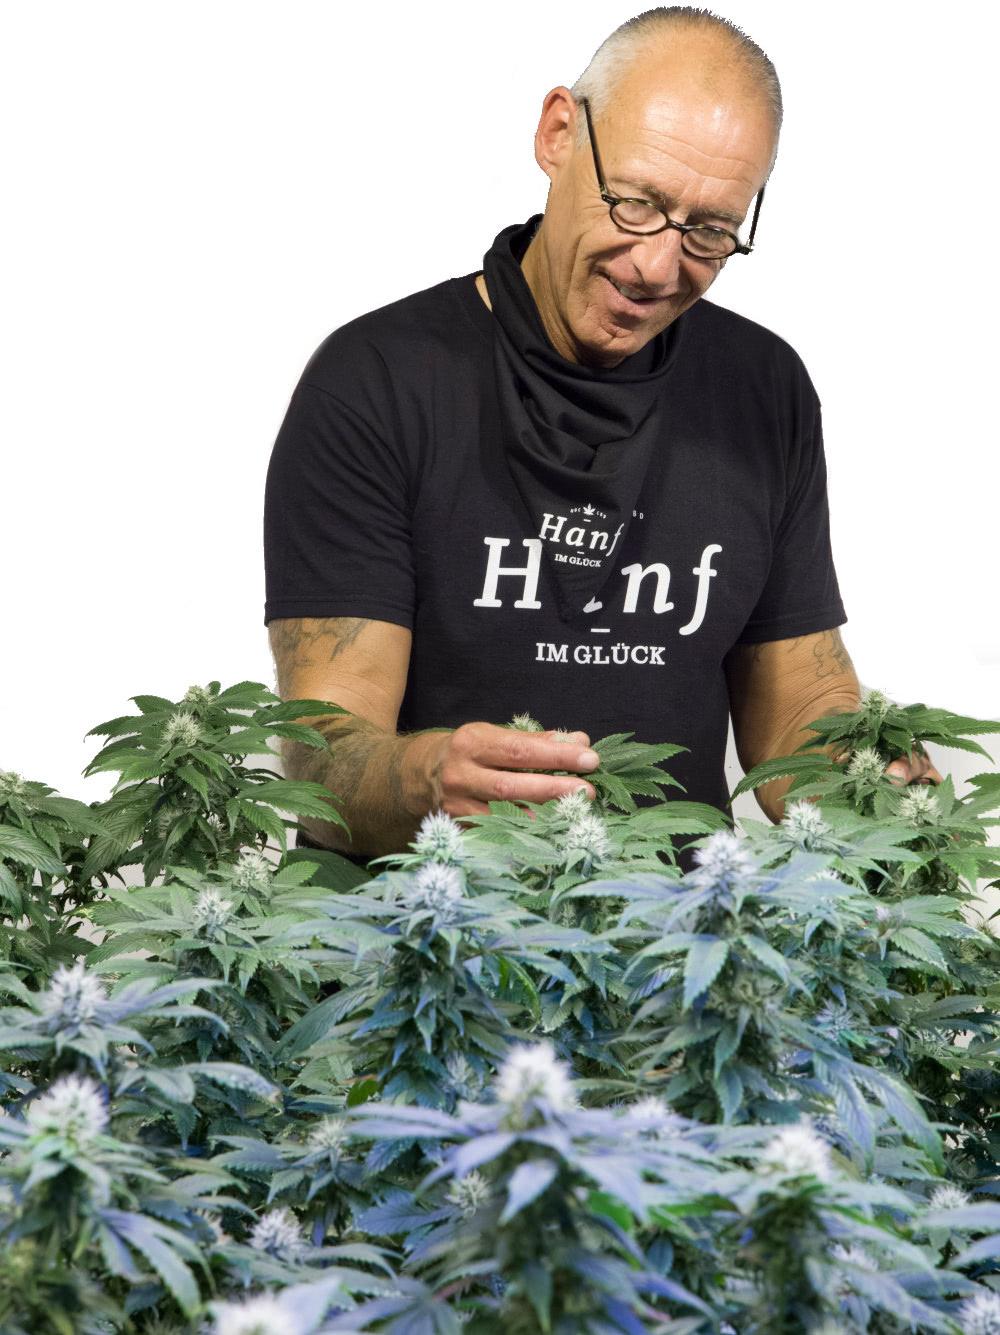 Ralf Kannheiser Hanf Experte auf der Plantage